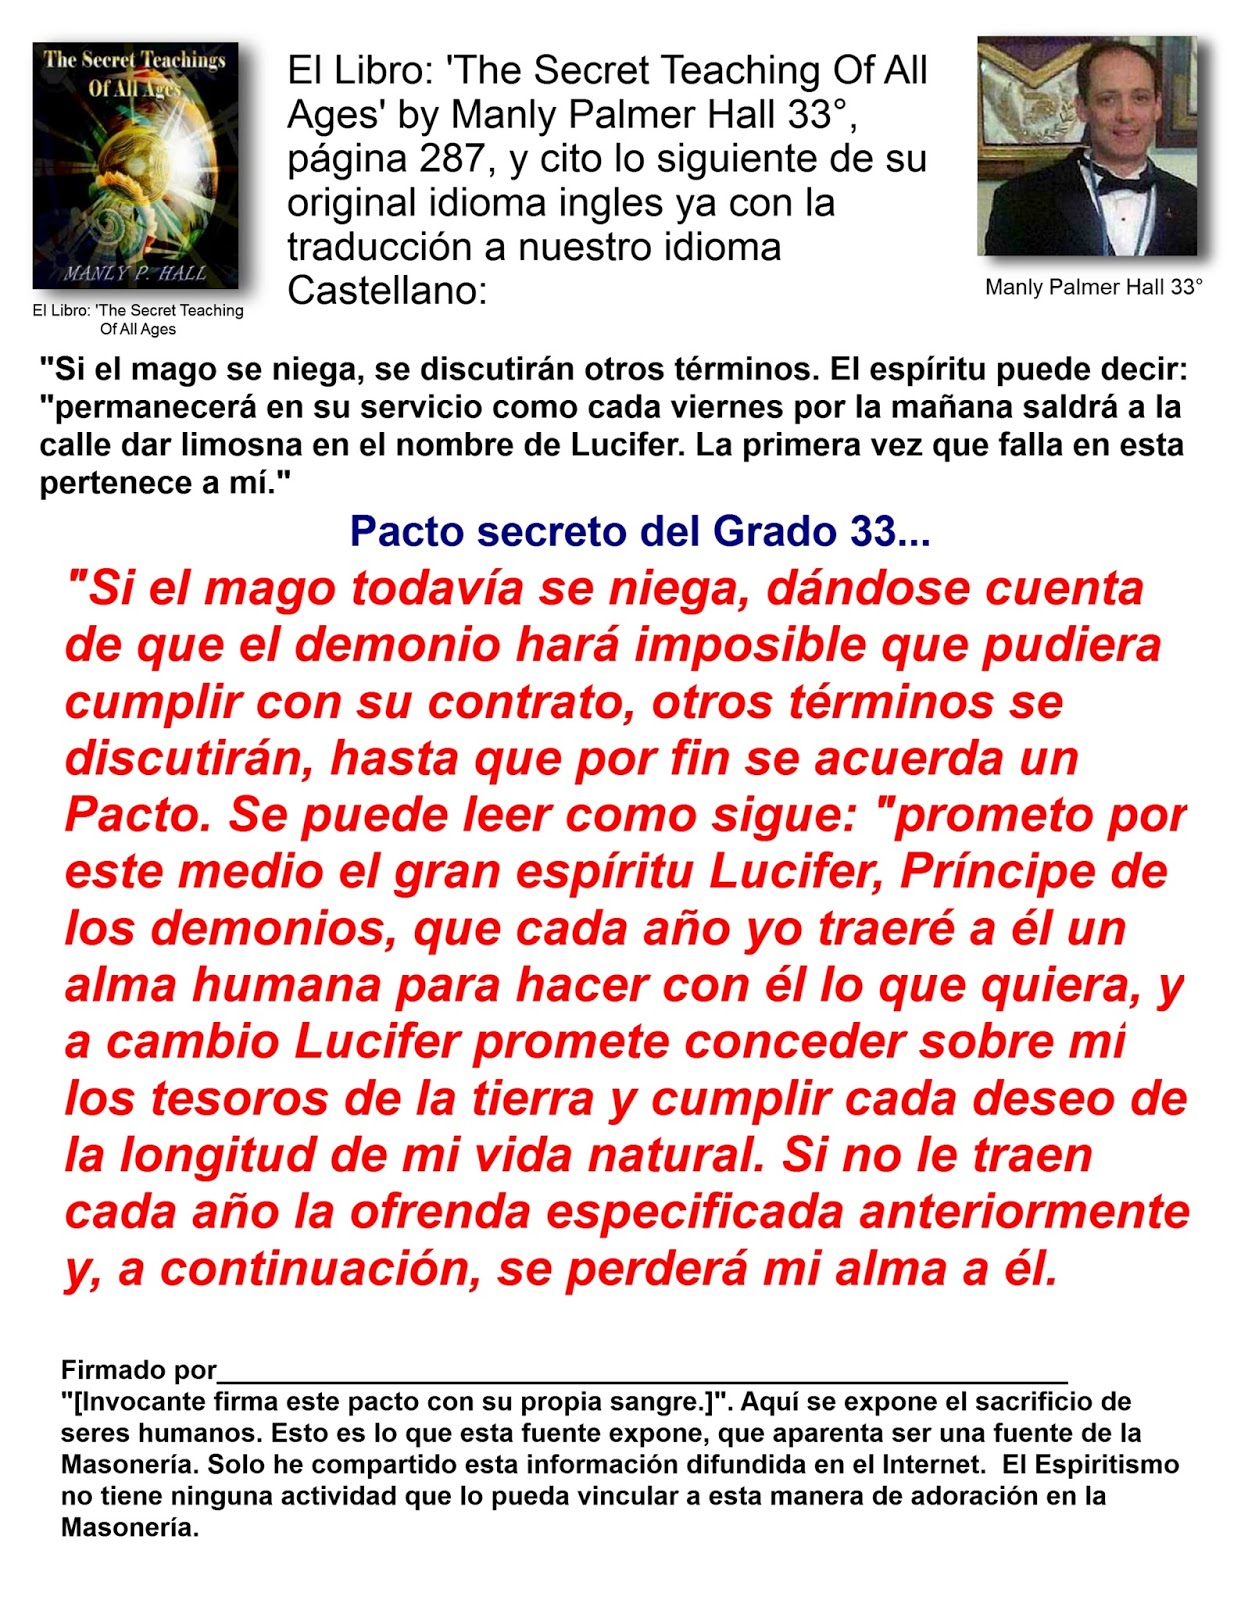 El libro the secret teaching of all ages by manly palmer hall 33 pagina 287 y cito lo siguiente en su original idioma ingles y hago la traducci n a